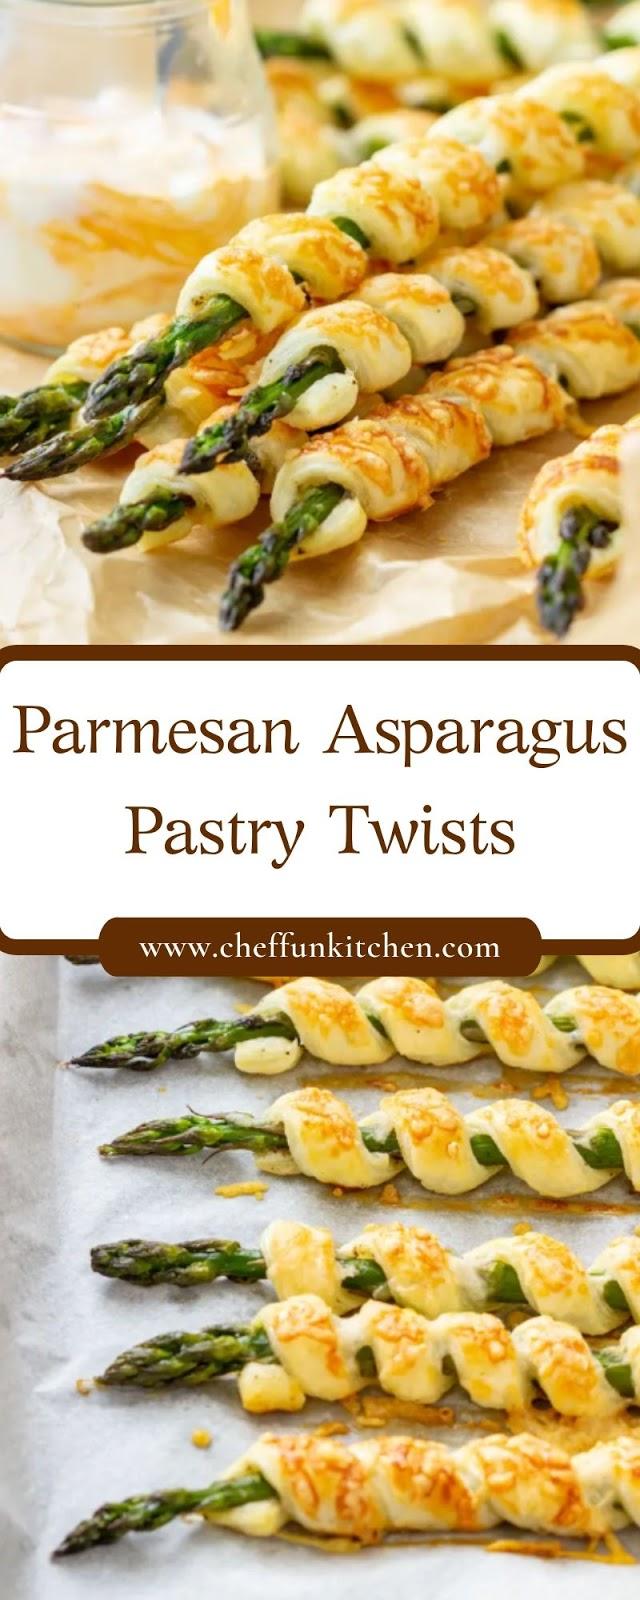 Parmesan Asparagus Pastry Twists